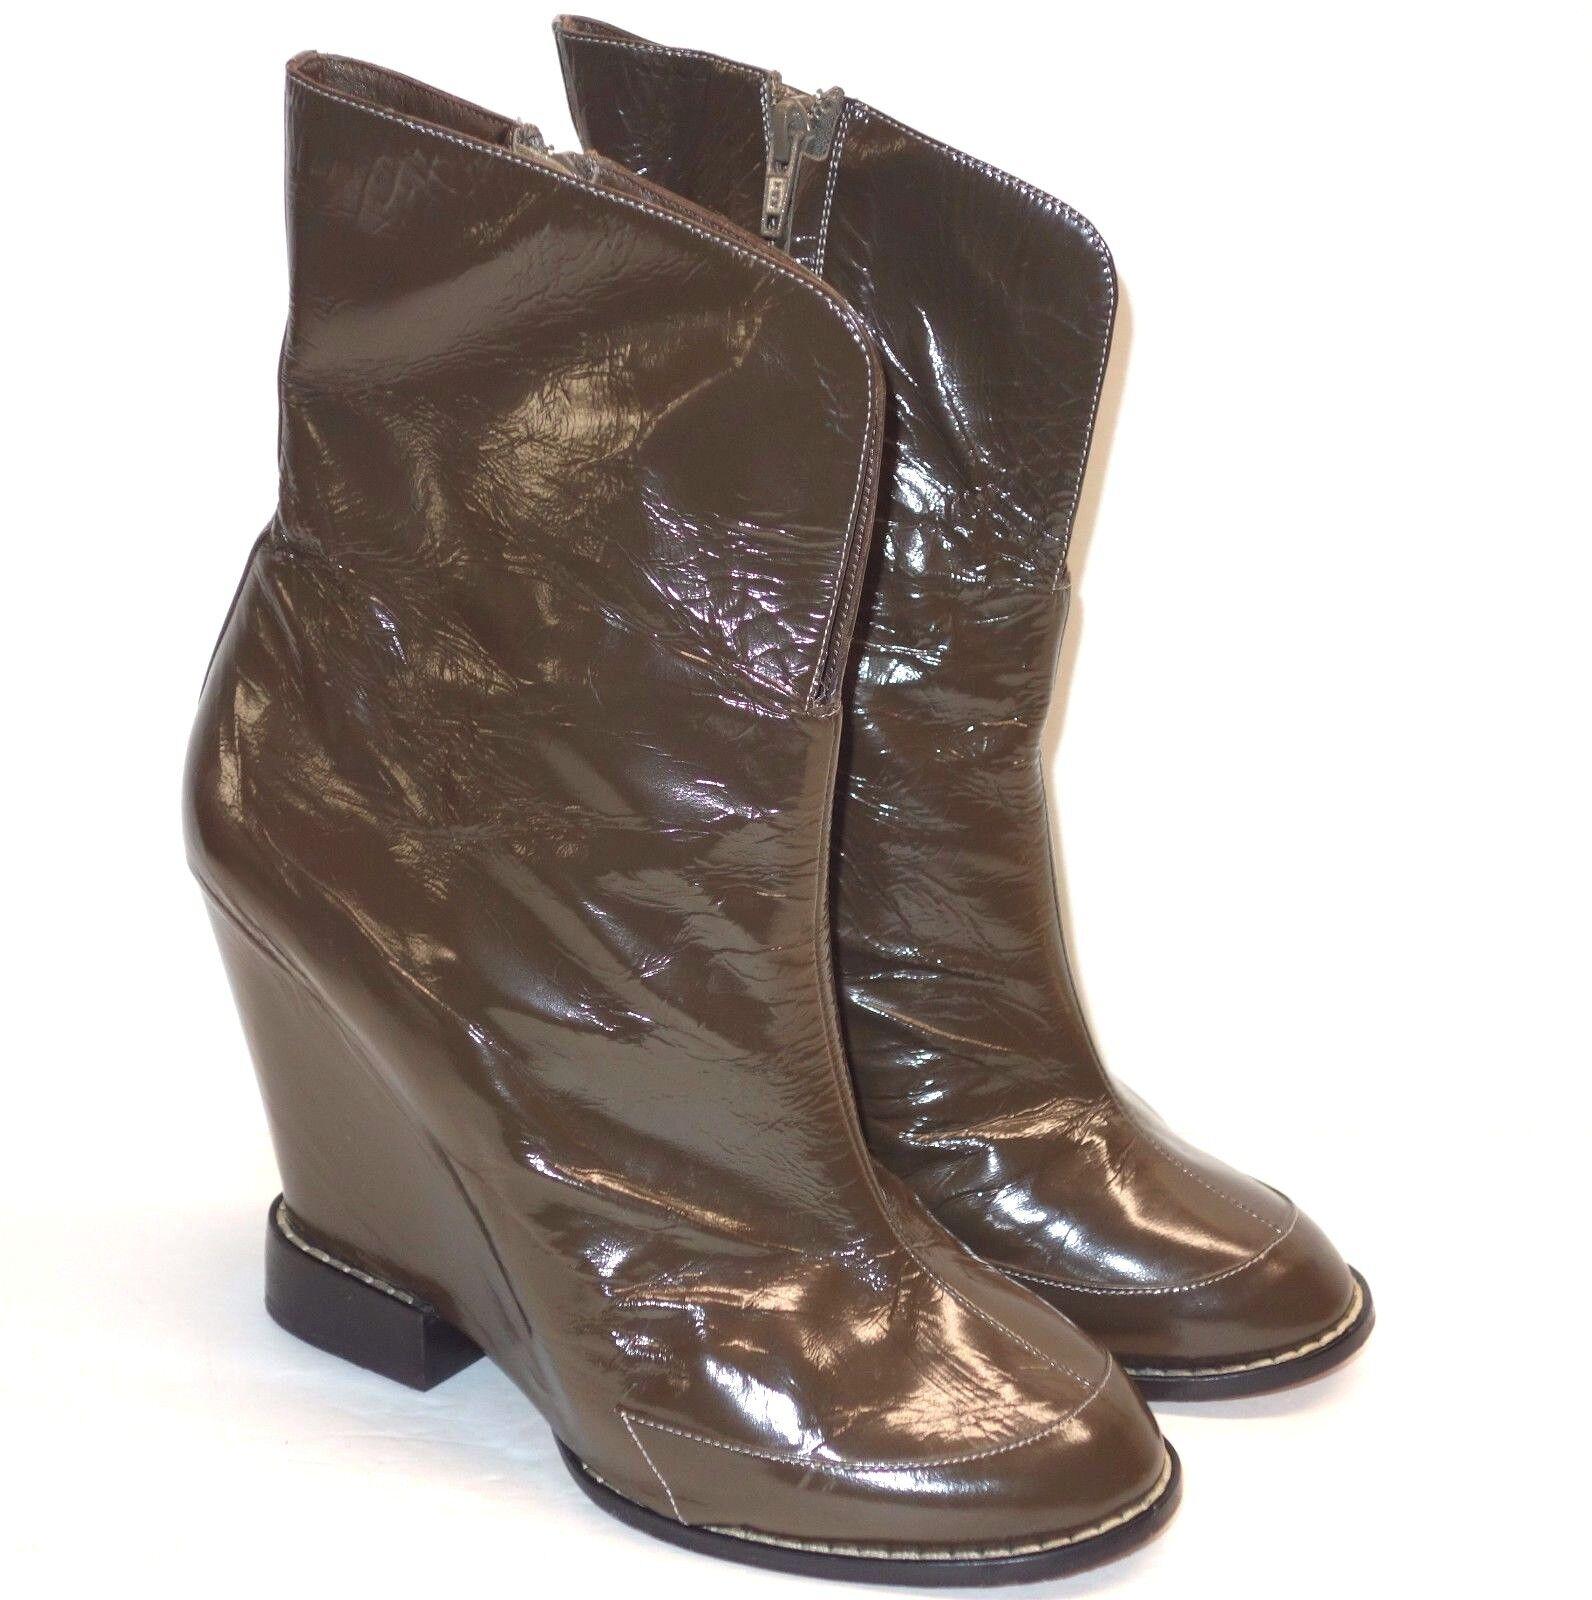 Chloe Marrón Cuña Tacón Alto 5 5 5  Charol botas al tobillo Botines Talla 40 10 9.5  venta de ofertas